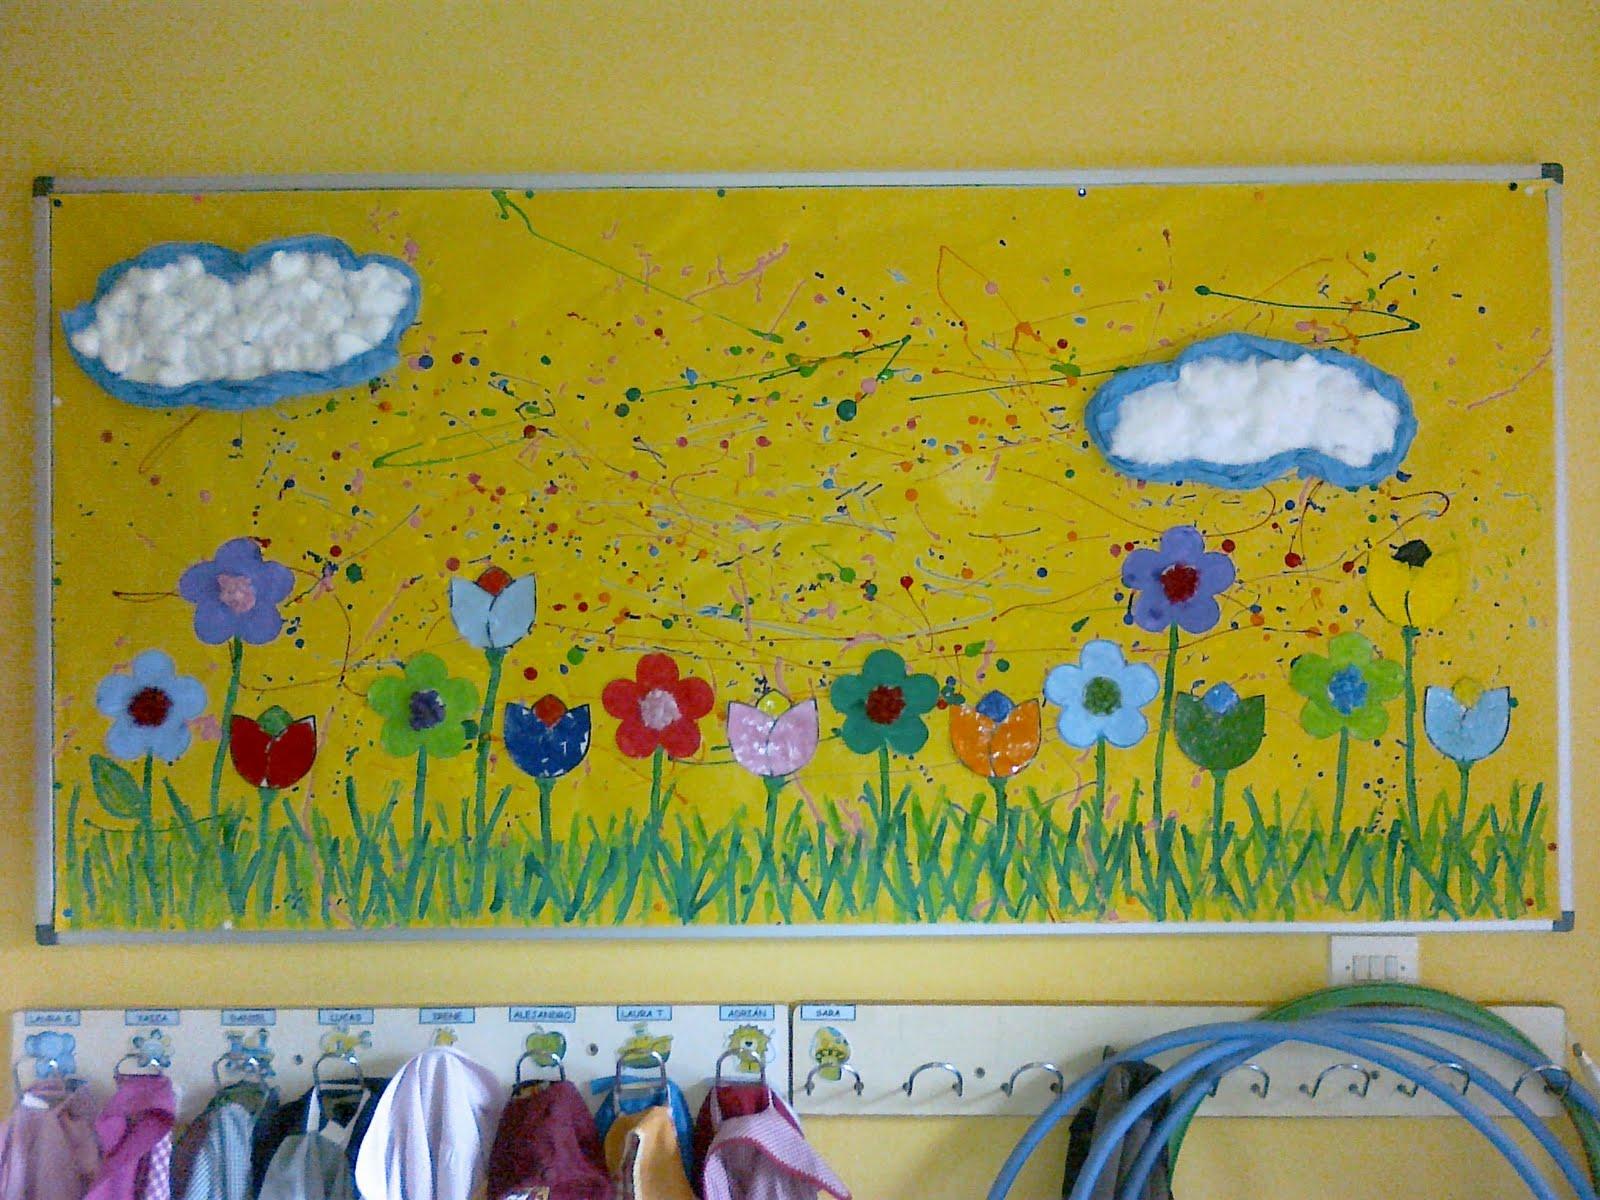 Peri dico mural primavera educaci n preescolar la revista for Como organizar un periodico mural